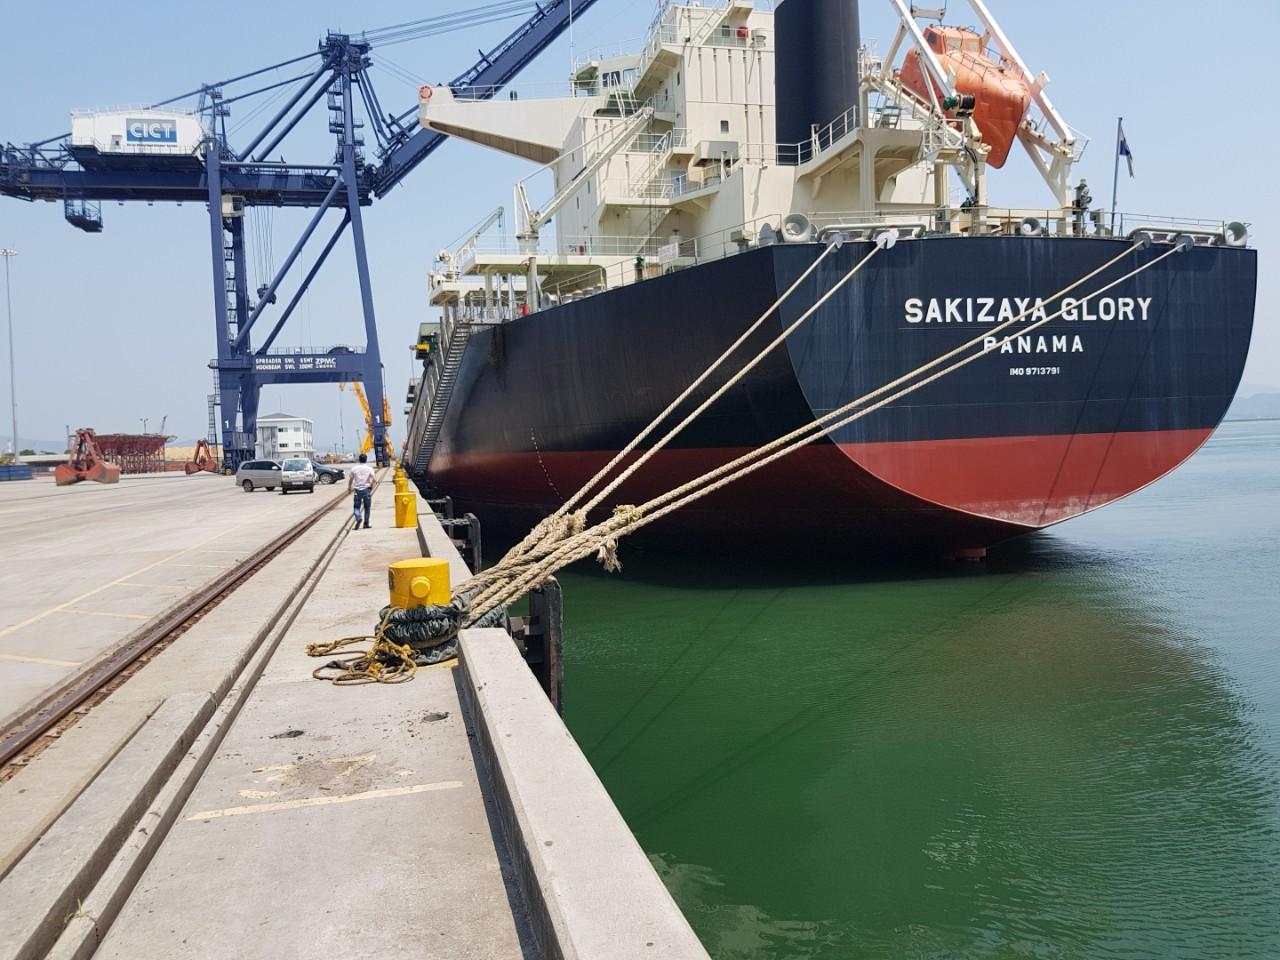 Tầu Sakizaya Glory khô đậu, lúa mỳ cảng CICT